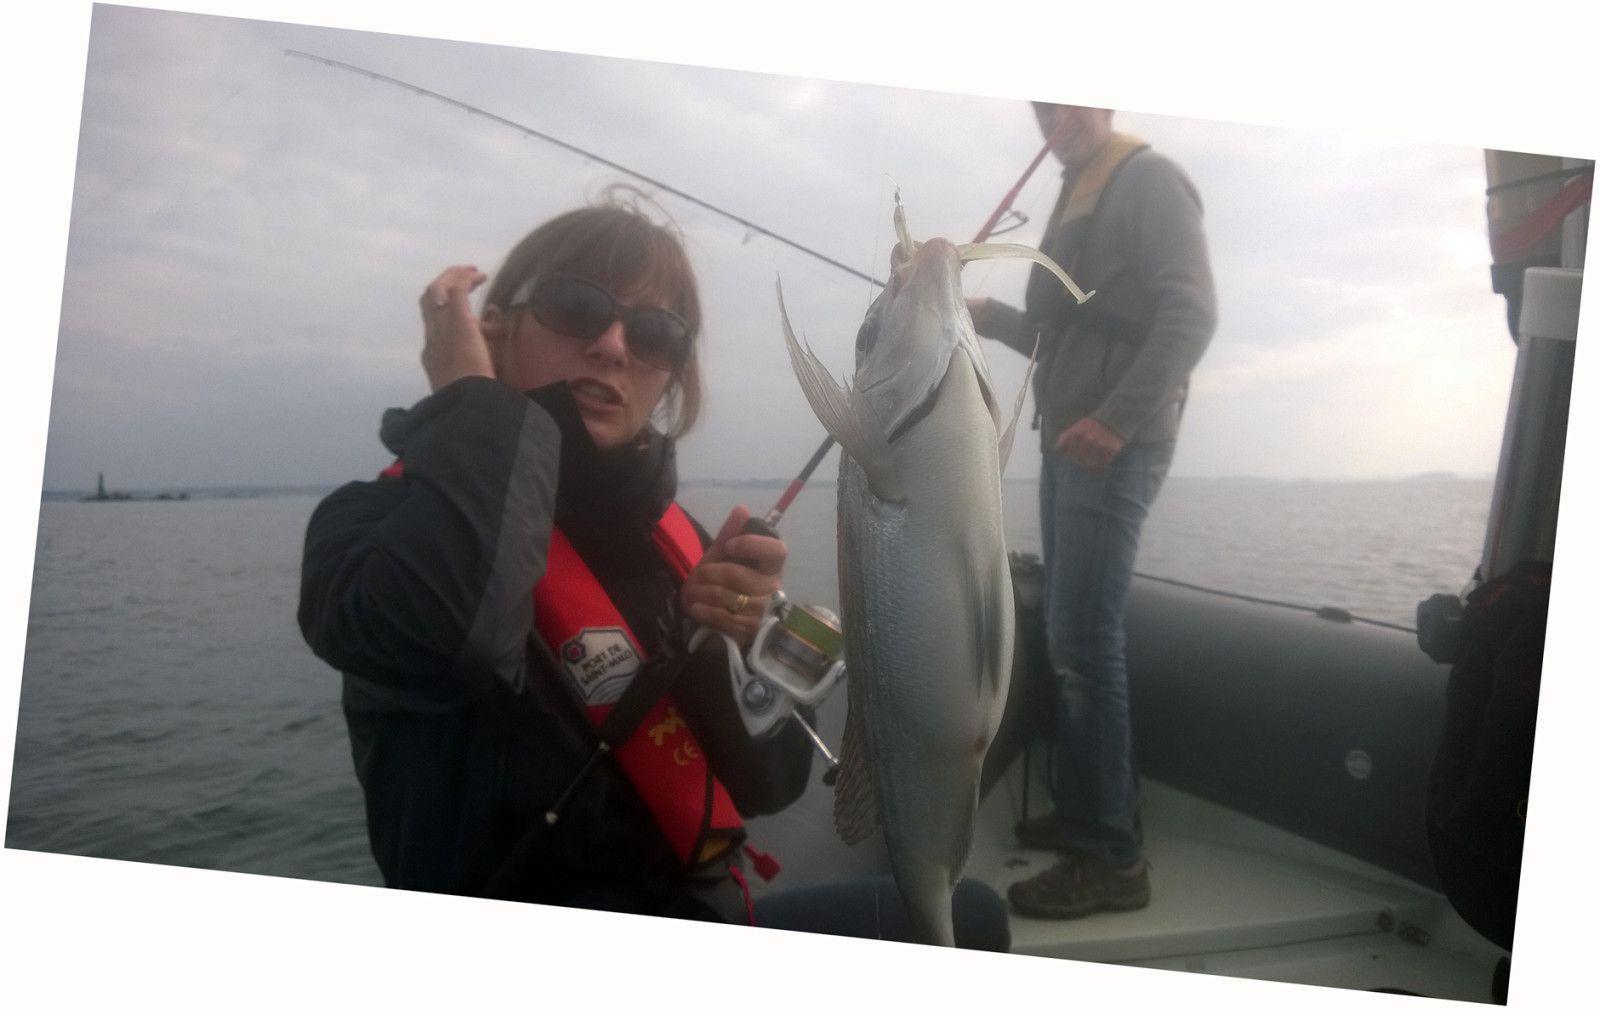 Bretagne pêche aux leurres initiations perfectionnement tous public. préparez vos vacances pêche en mer entre amis, en famille, infos réservation : http://www.guidepechesaintmalo.com